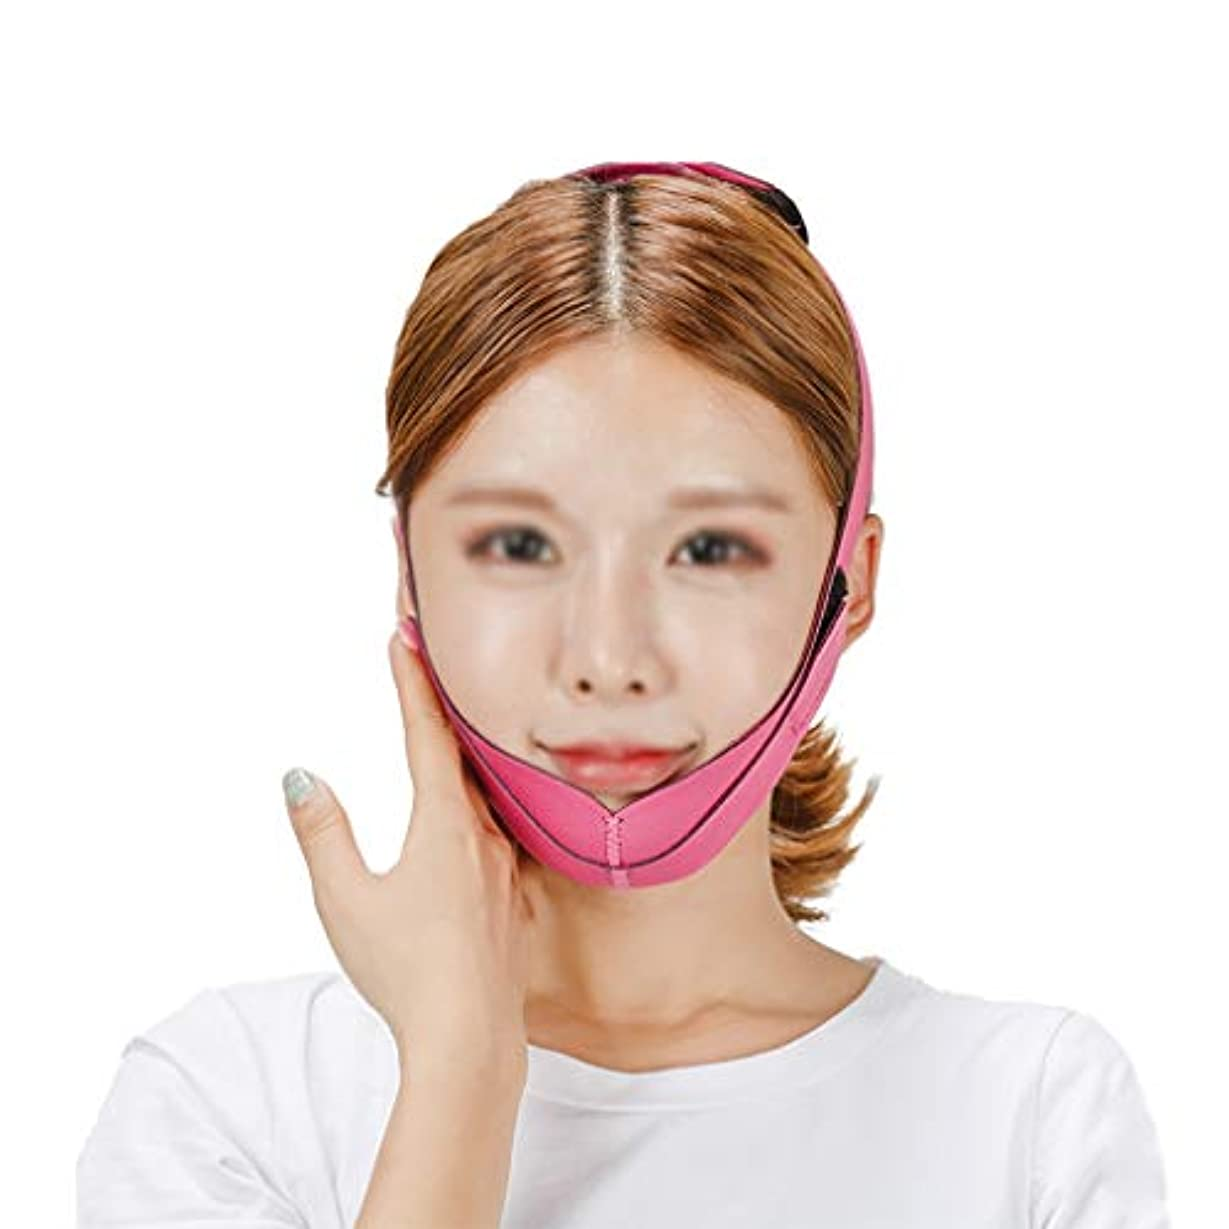 鍔泳ぐ最大の超薄Vフェイスライン、フェイスリフティングマスク、Vフェイスリフティングとリフティングファーミングパターン、シェイピングフェイス、改善ダブルチン、ピンク、女性に適しています